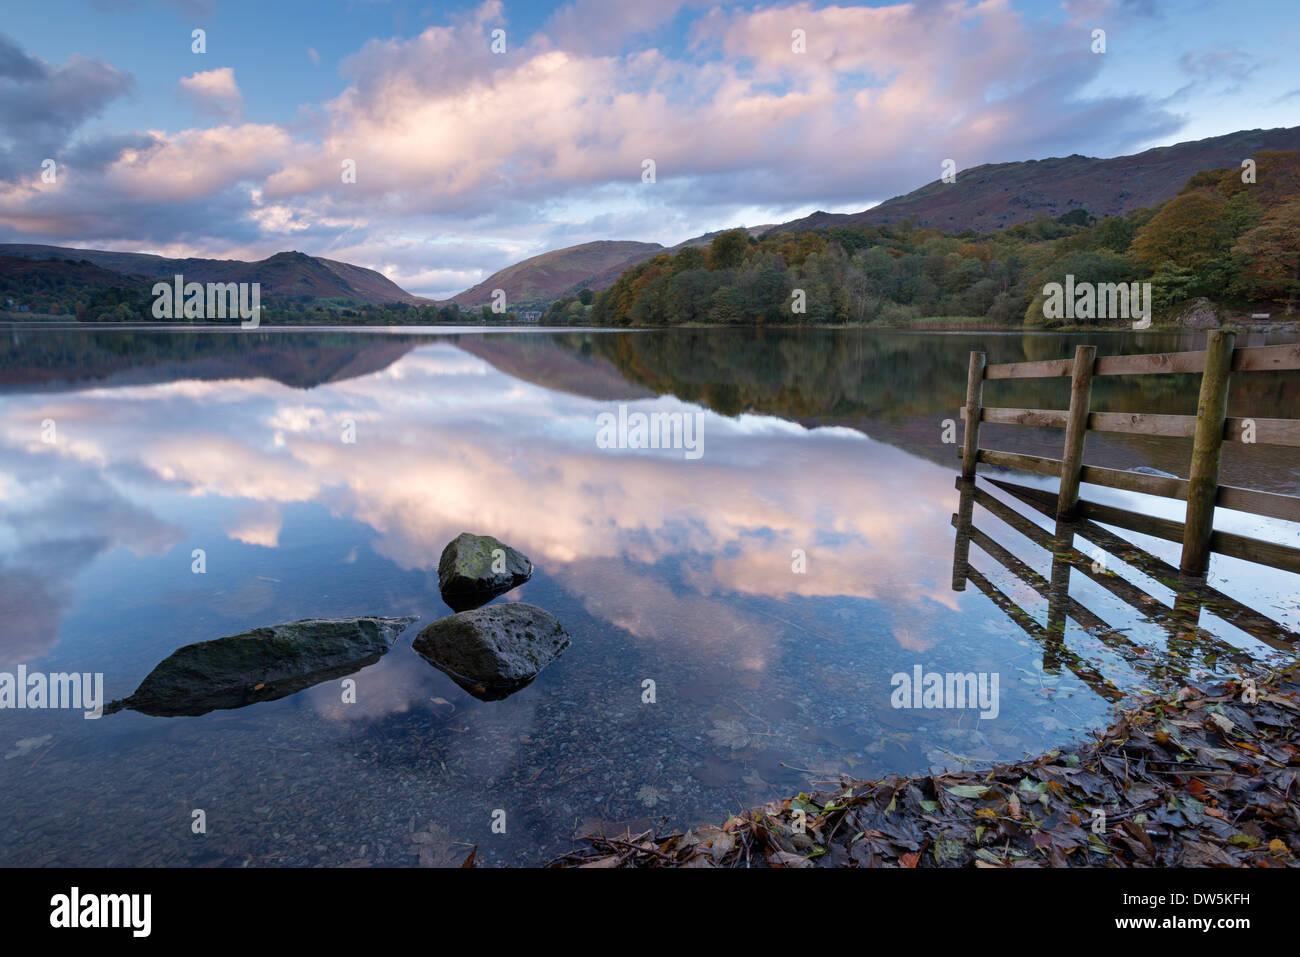 Il tramonto sopra Grasmere nel Parco Nazionale del Distretto dei Laghi, Cumbria, Inghilterra. In autunno (ottobre 2012). Immagini Stock